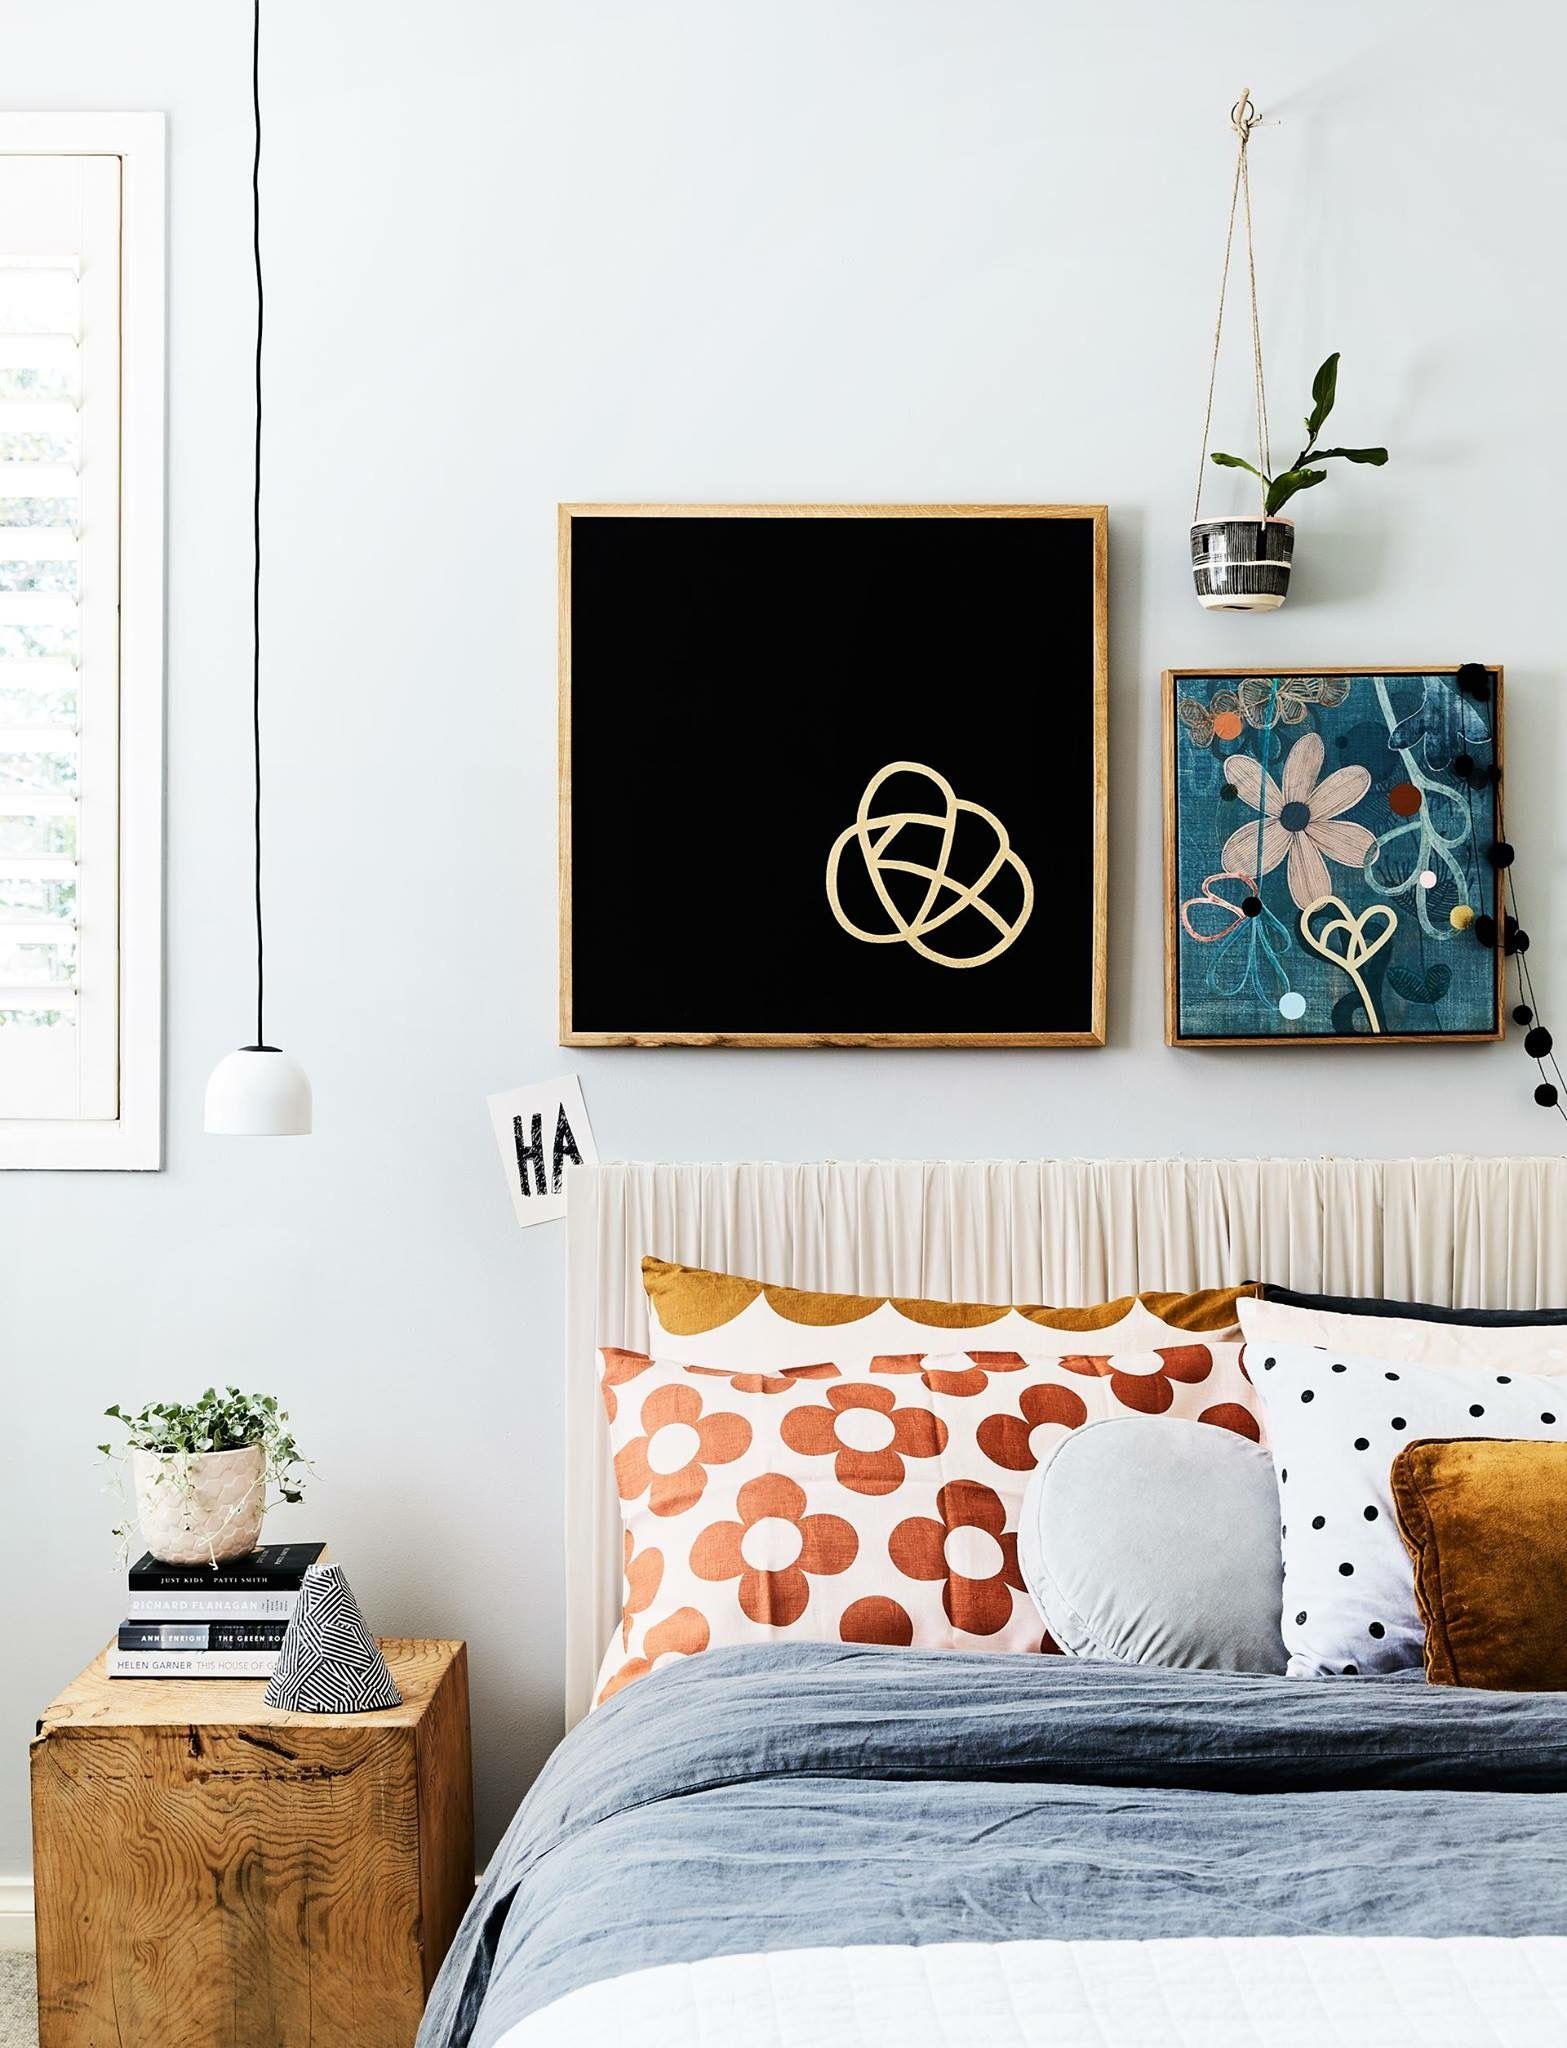 Wohnung Einrichten, Einrichten Und Wohnen, Studentenwohnungen, Schöner  Wohnen, Schlafzimmer, Gestalten, Einrichtung, Schlafzimmerecke, ...